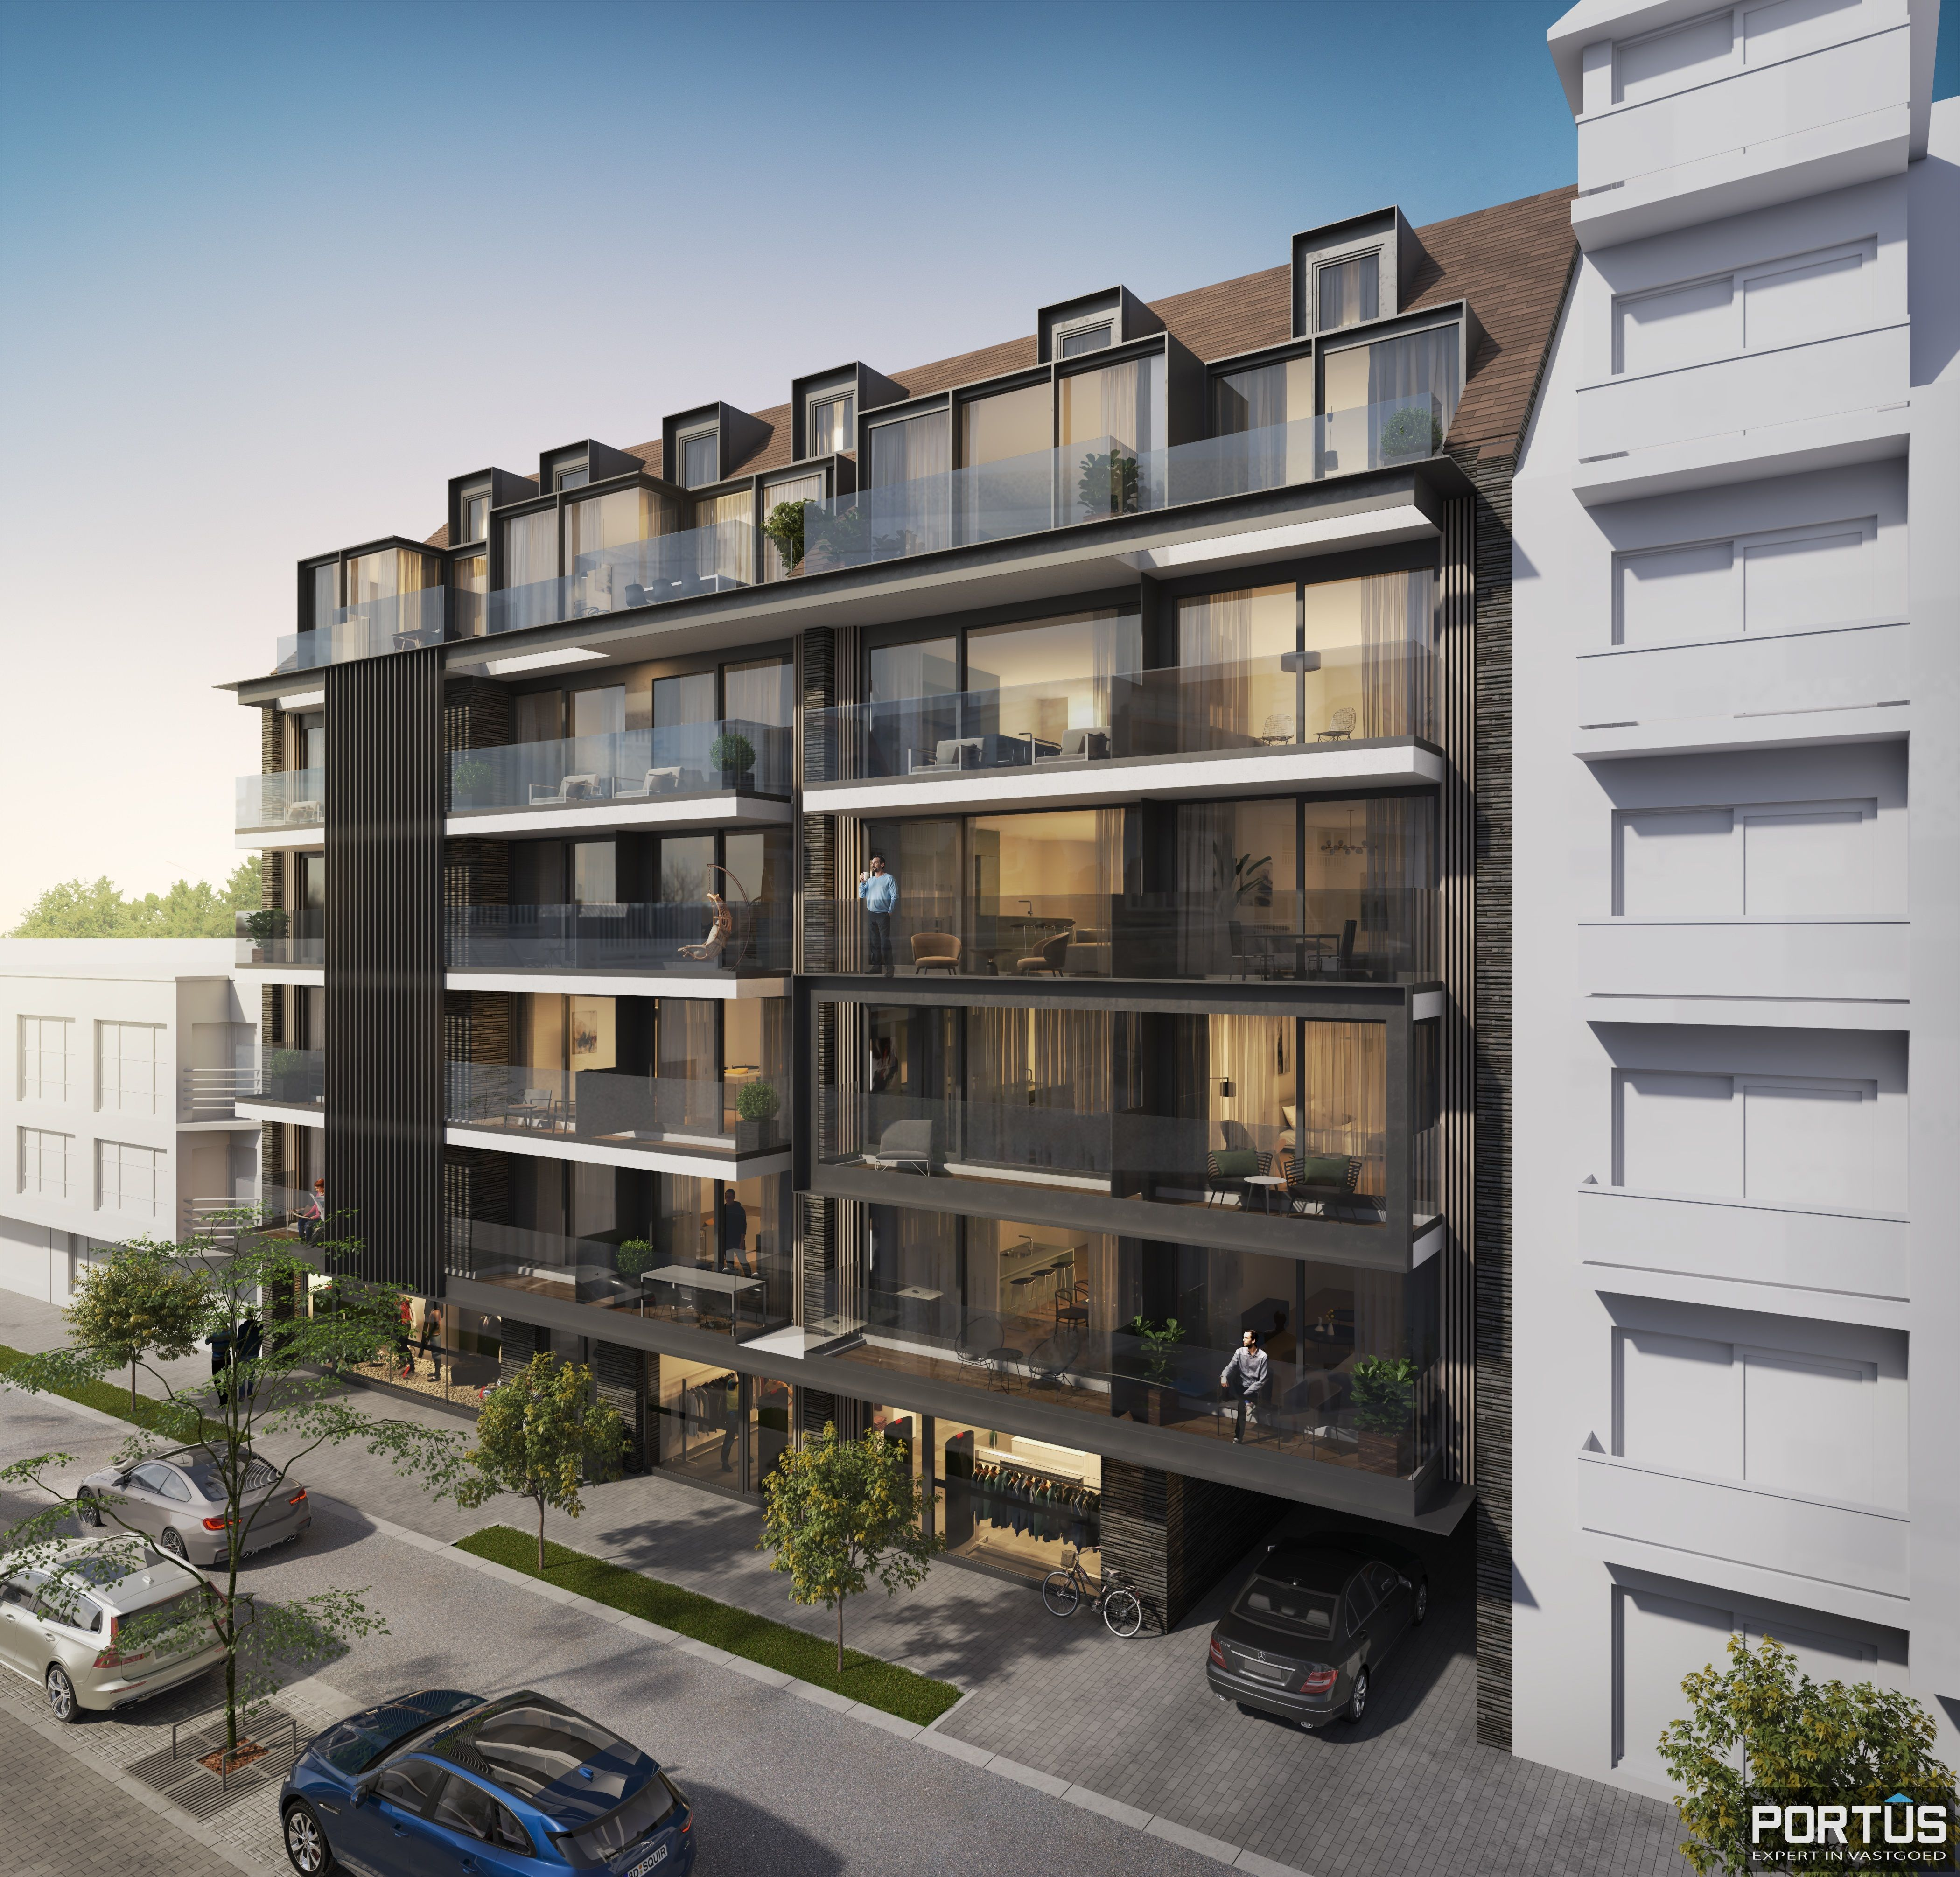 Duplex-appartement met 2 slaapkamers - 9034